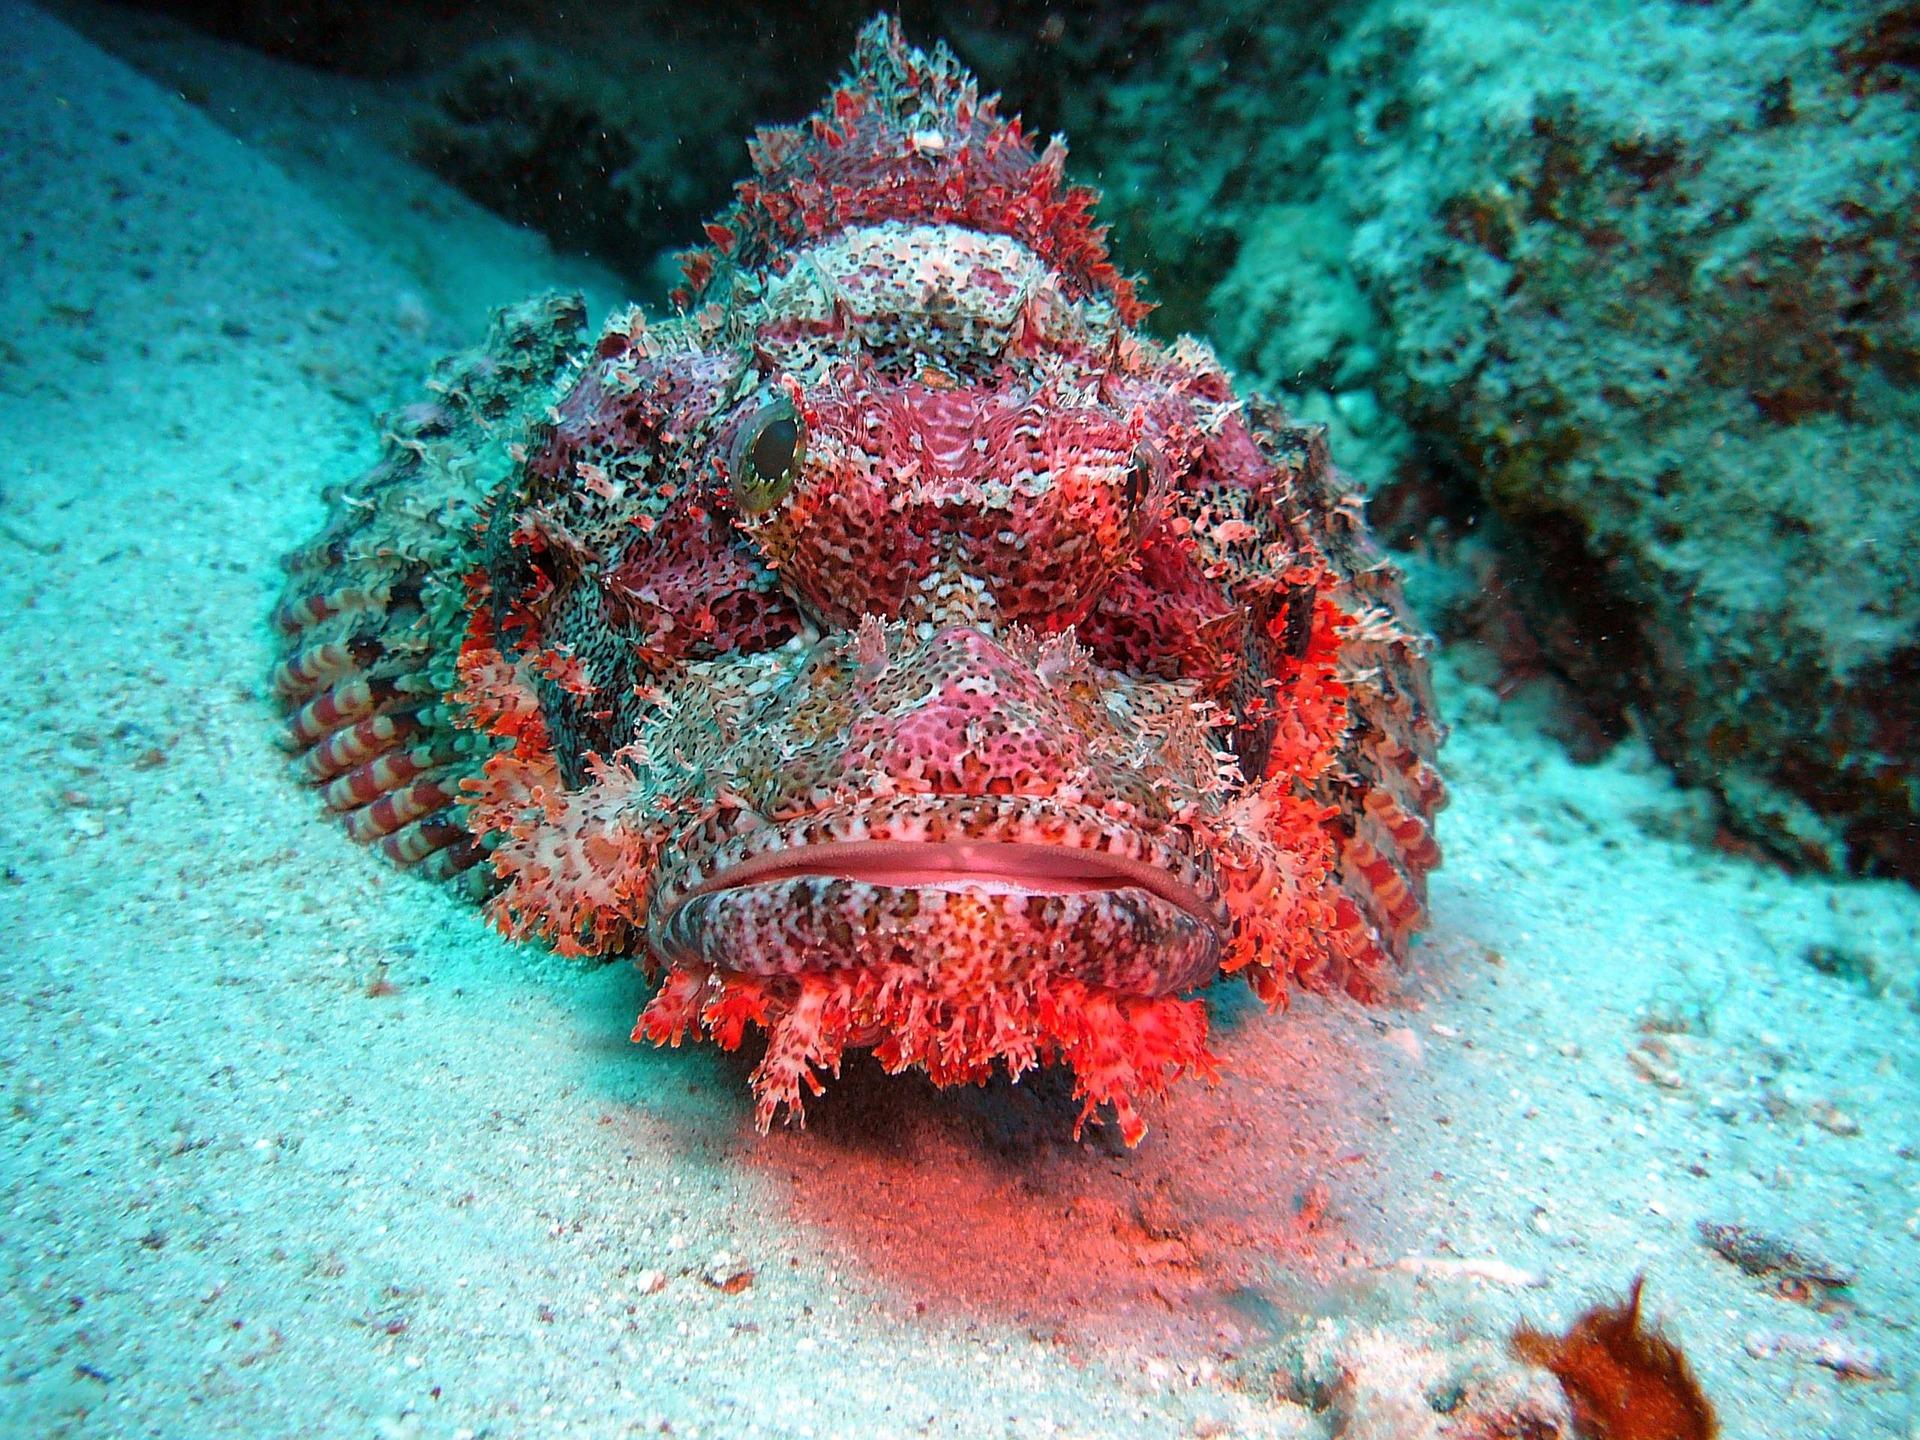 Sahl Hasheesh Tauchen im Roten Meer - Roter Drachenkopf